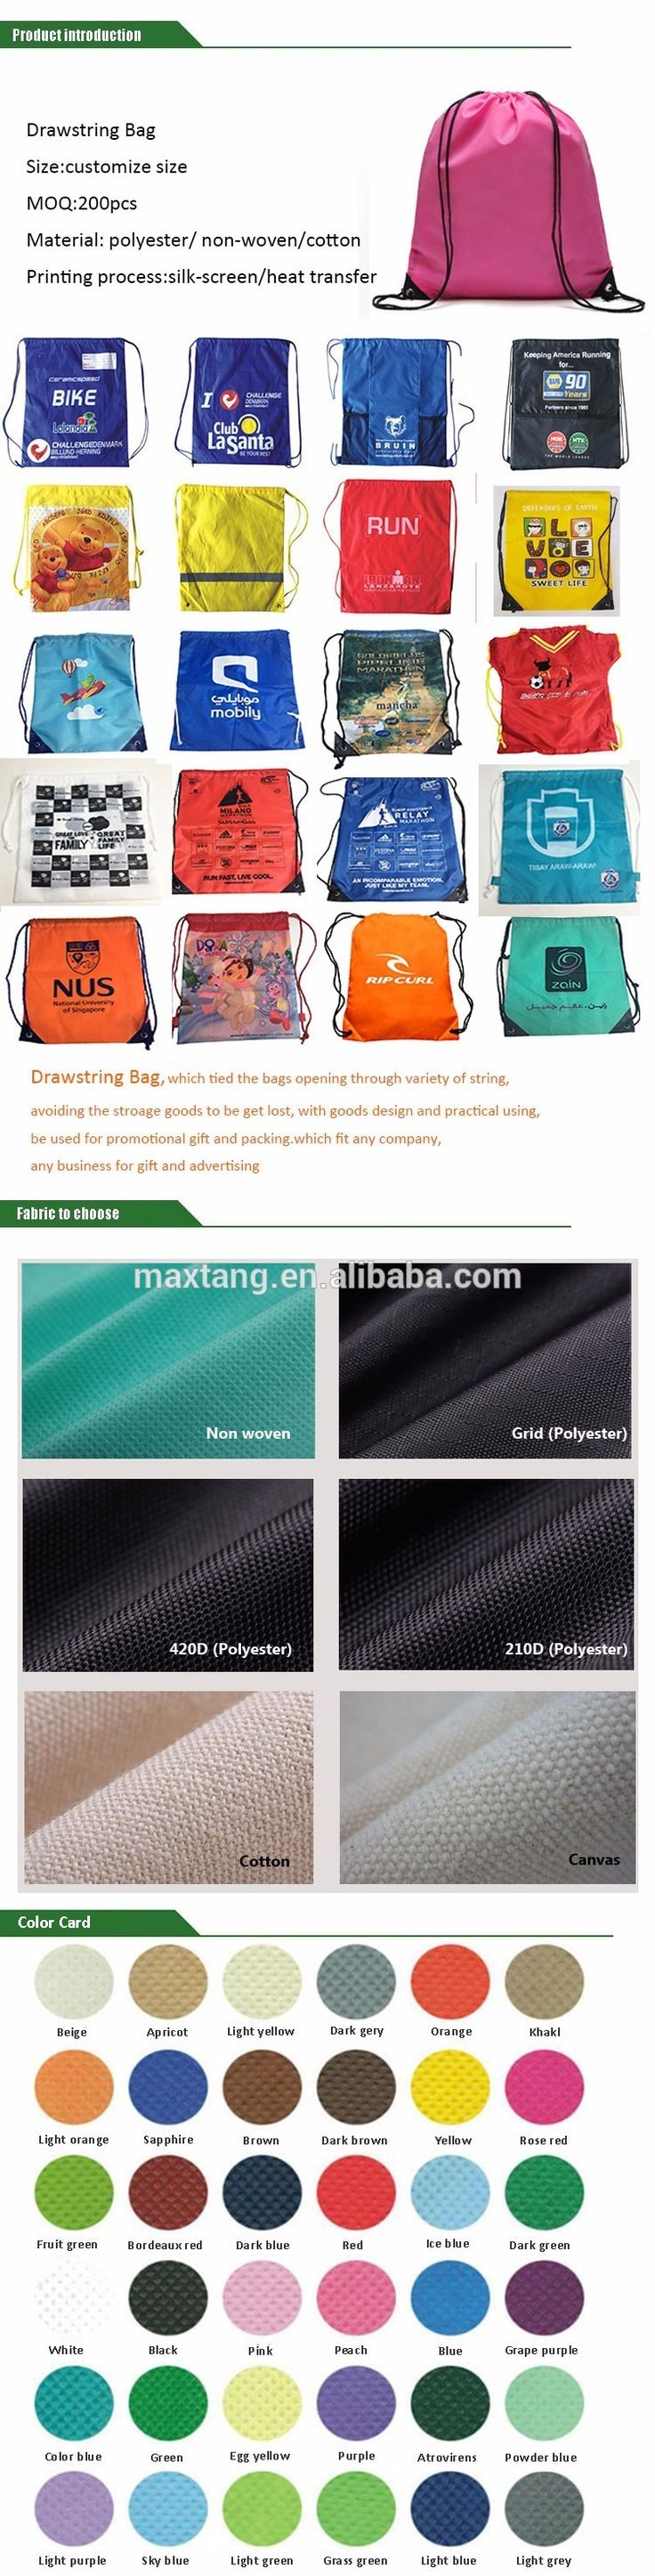 Non woven Fabric Non Woven Bag Non Woven Shopping Bag Bag Nonwoven 100% Linen Fabric Promotion Gift